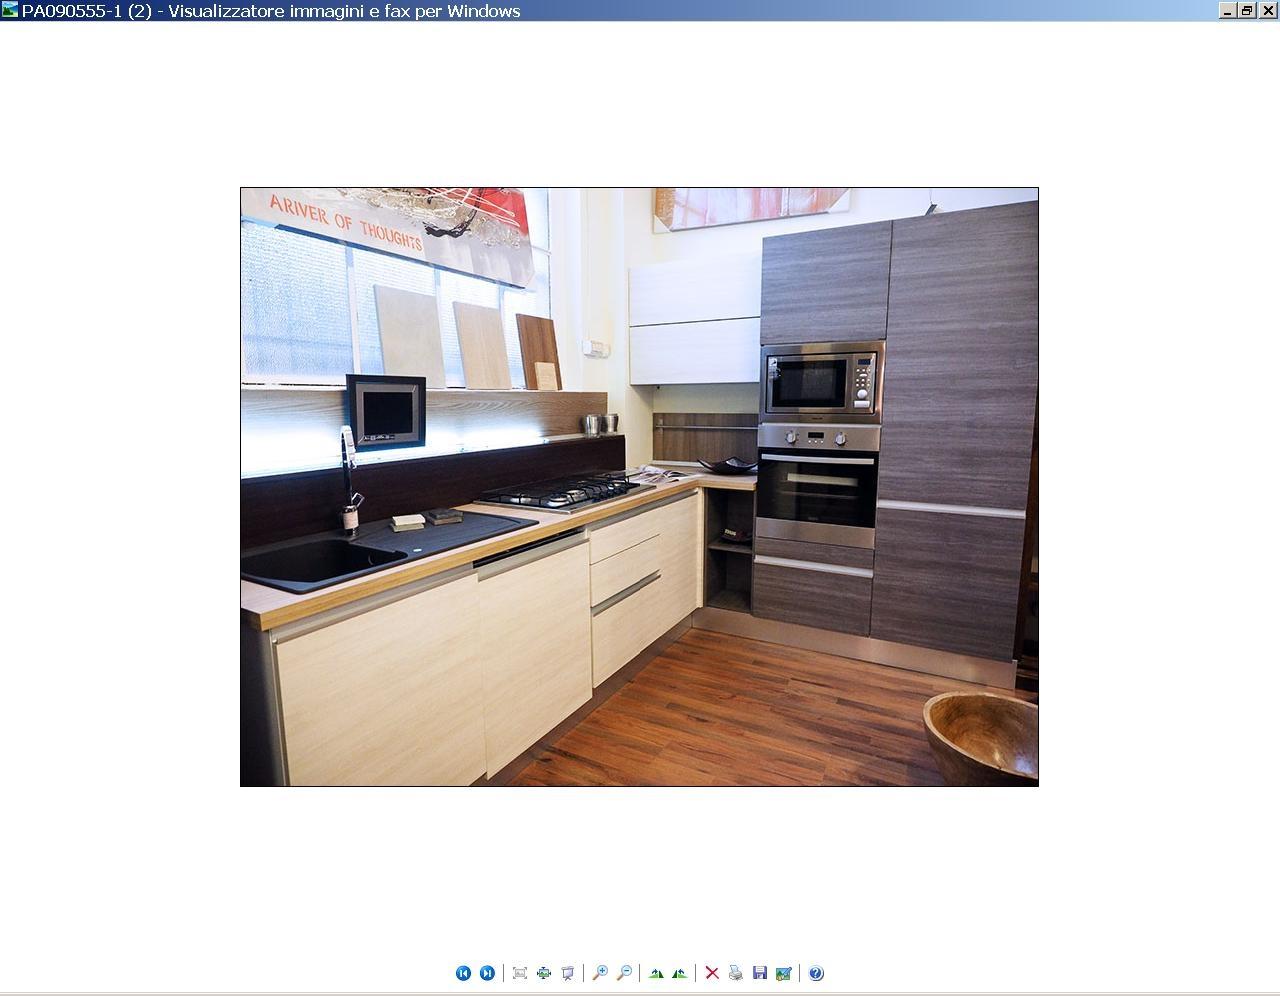 Cucina etno simply angolo 22090 cucine a prezzi scontati - Cucina a angolo ...